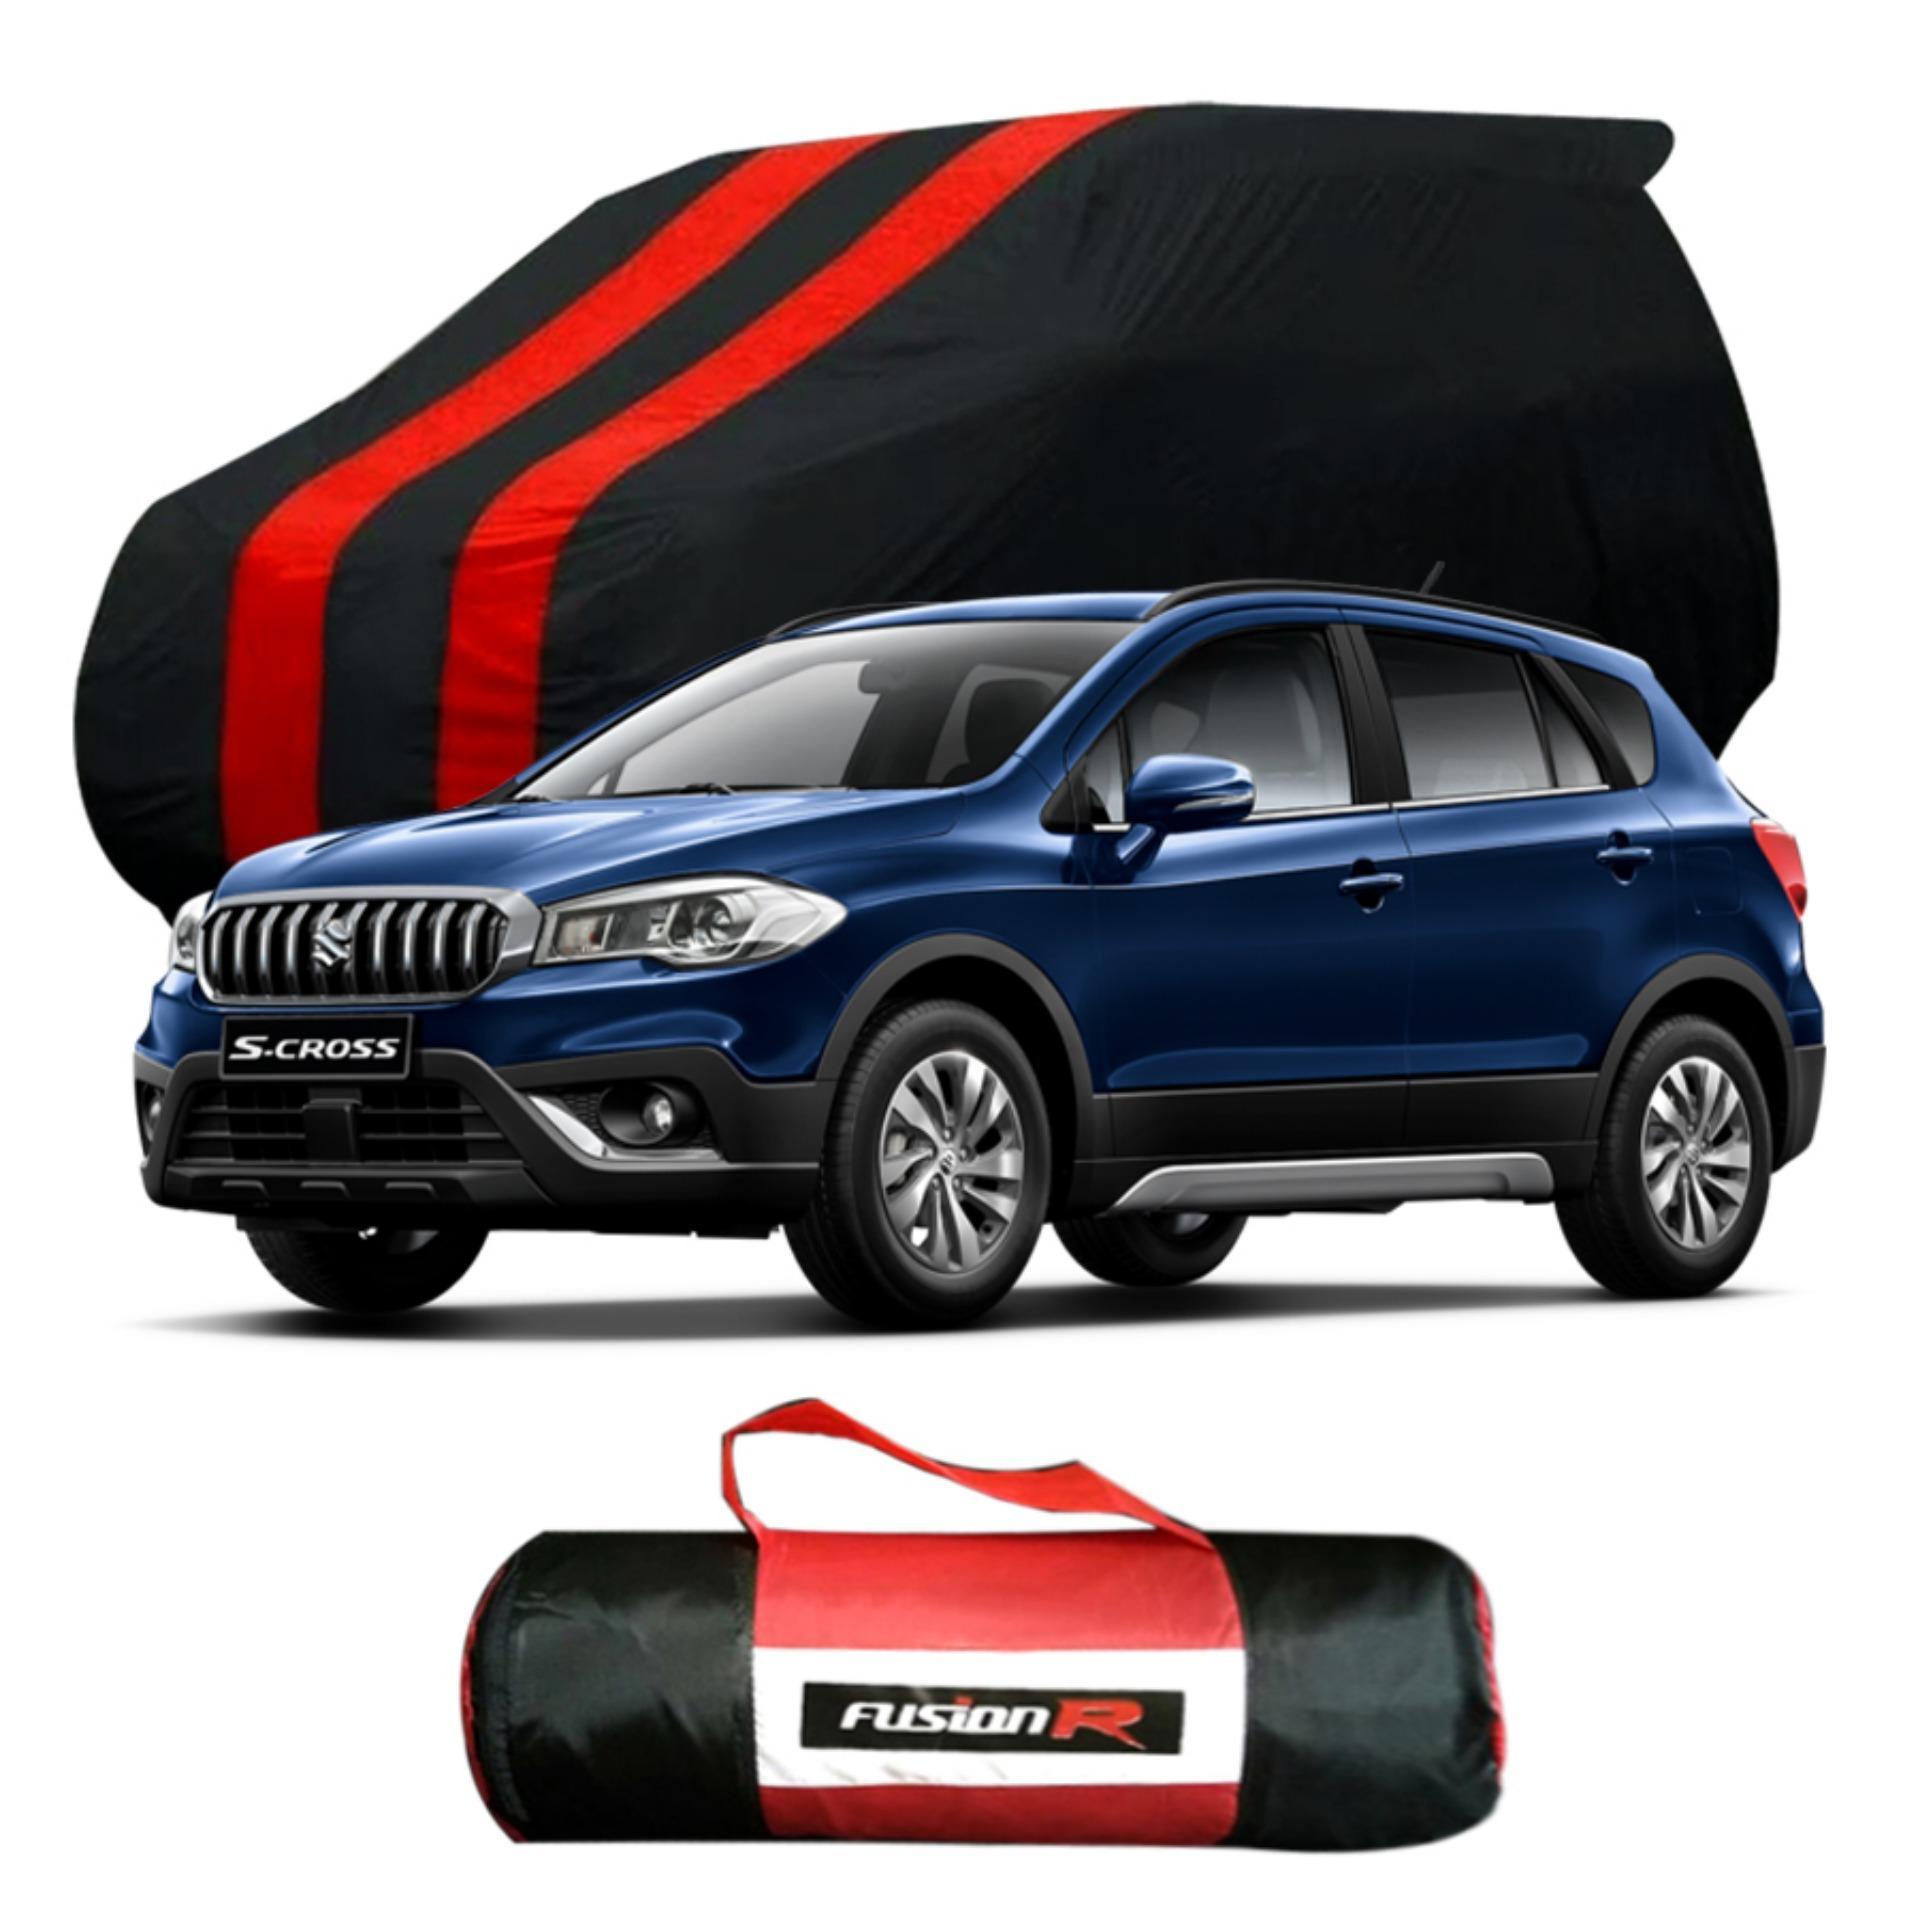 Vanguard Body Cover Penutup Mobil SCROSS SX4 Merah Hitam Waterproof / Sarung Mobil SCROSS Premium